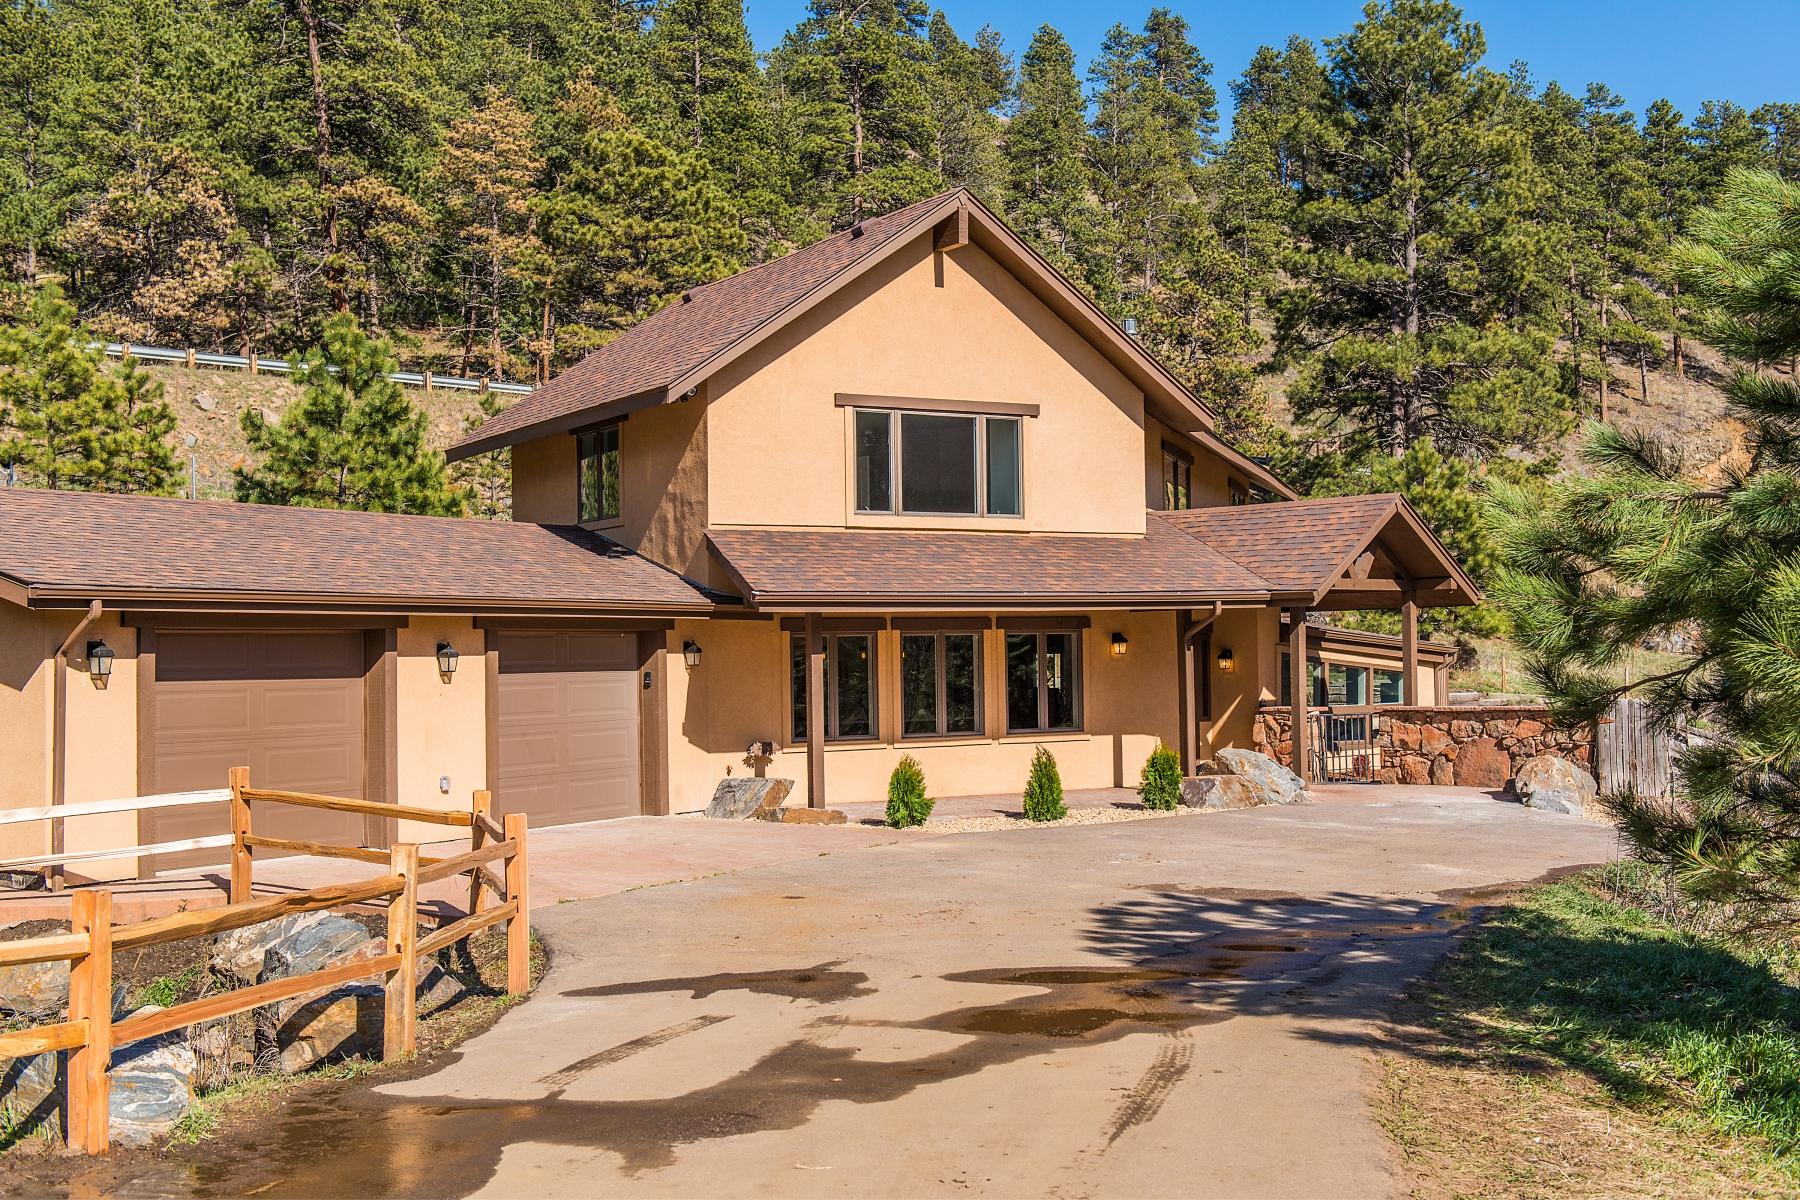 独户住宅 为 销售 在 Great home with Mountain lifestyle without loosing city access 23605 Rockland Rd Golden, 科罗拉多州 80401 美国